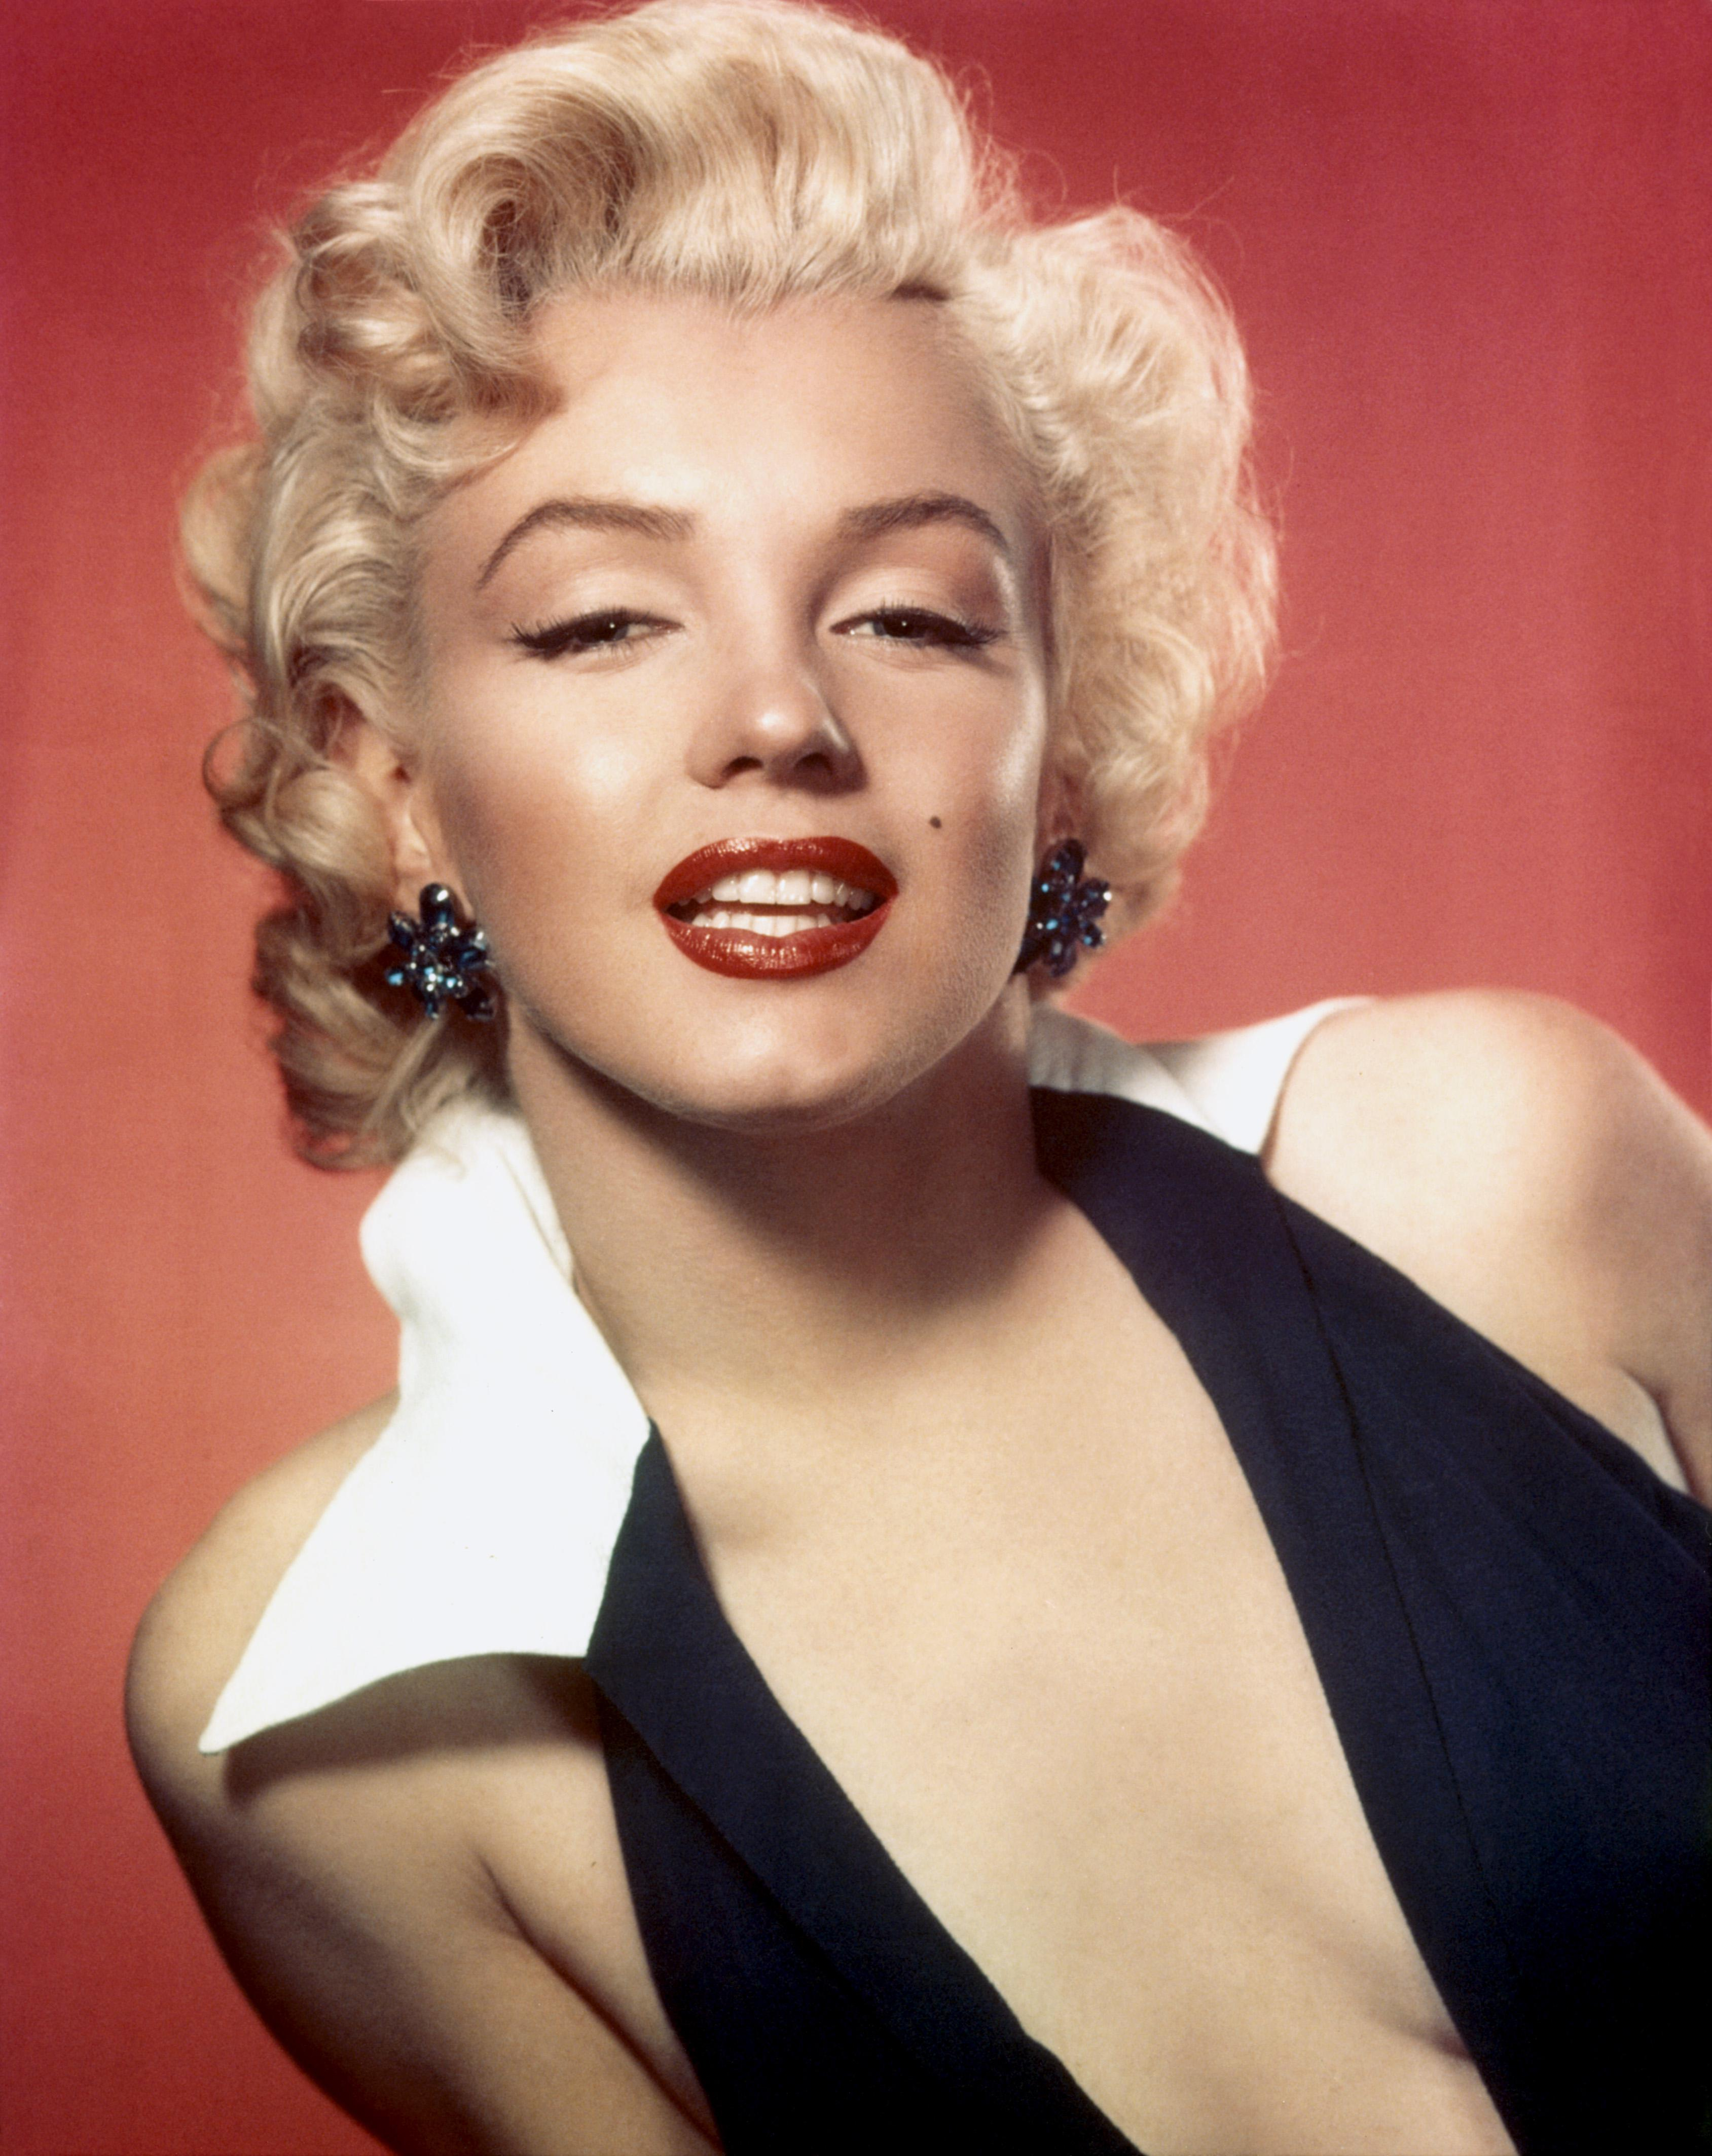 Marilyn Portrait